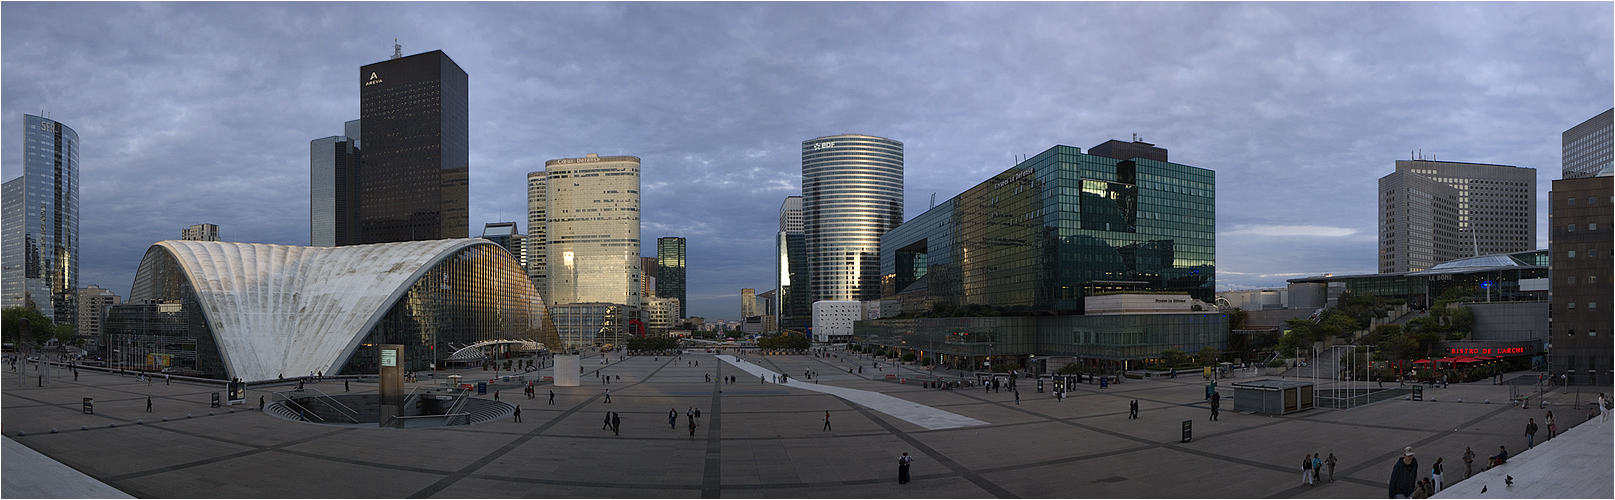 Paris07 26